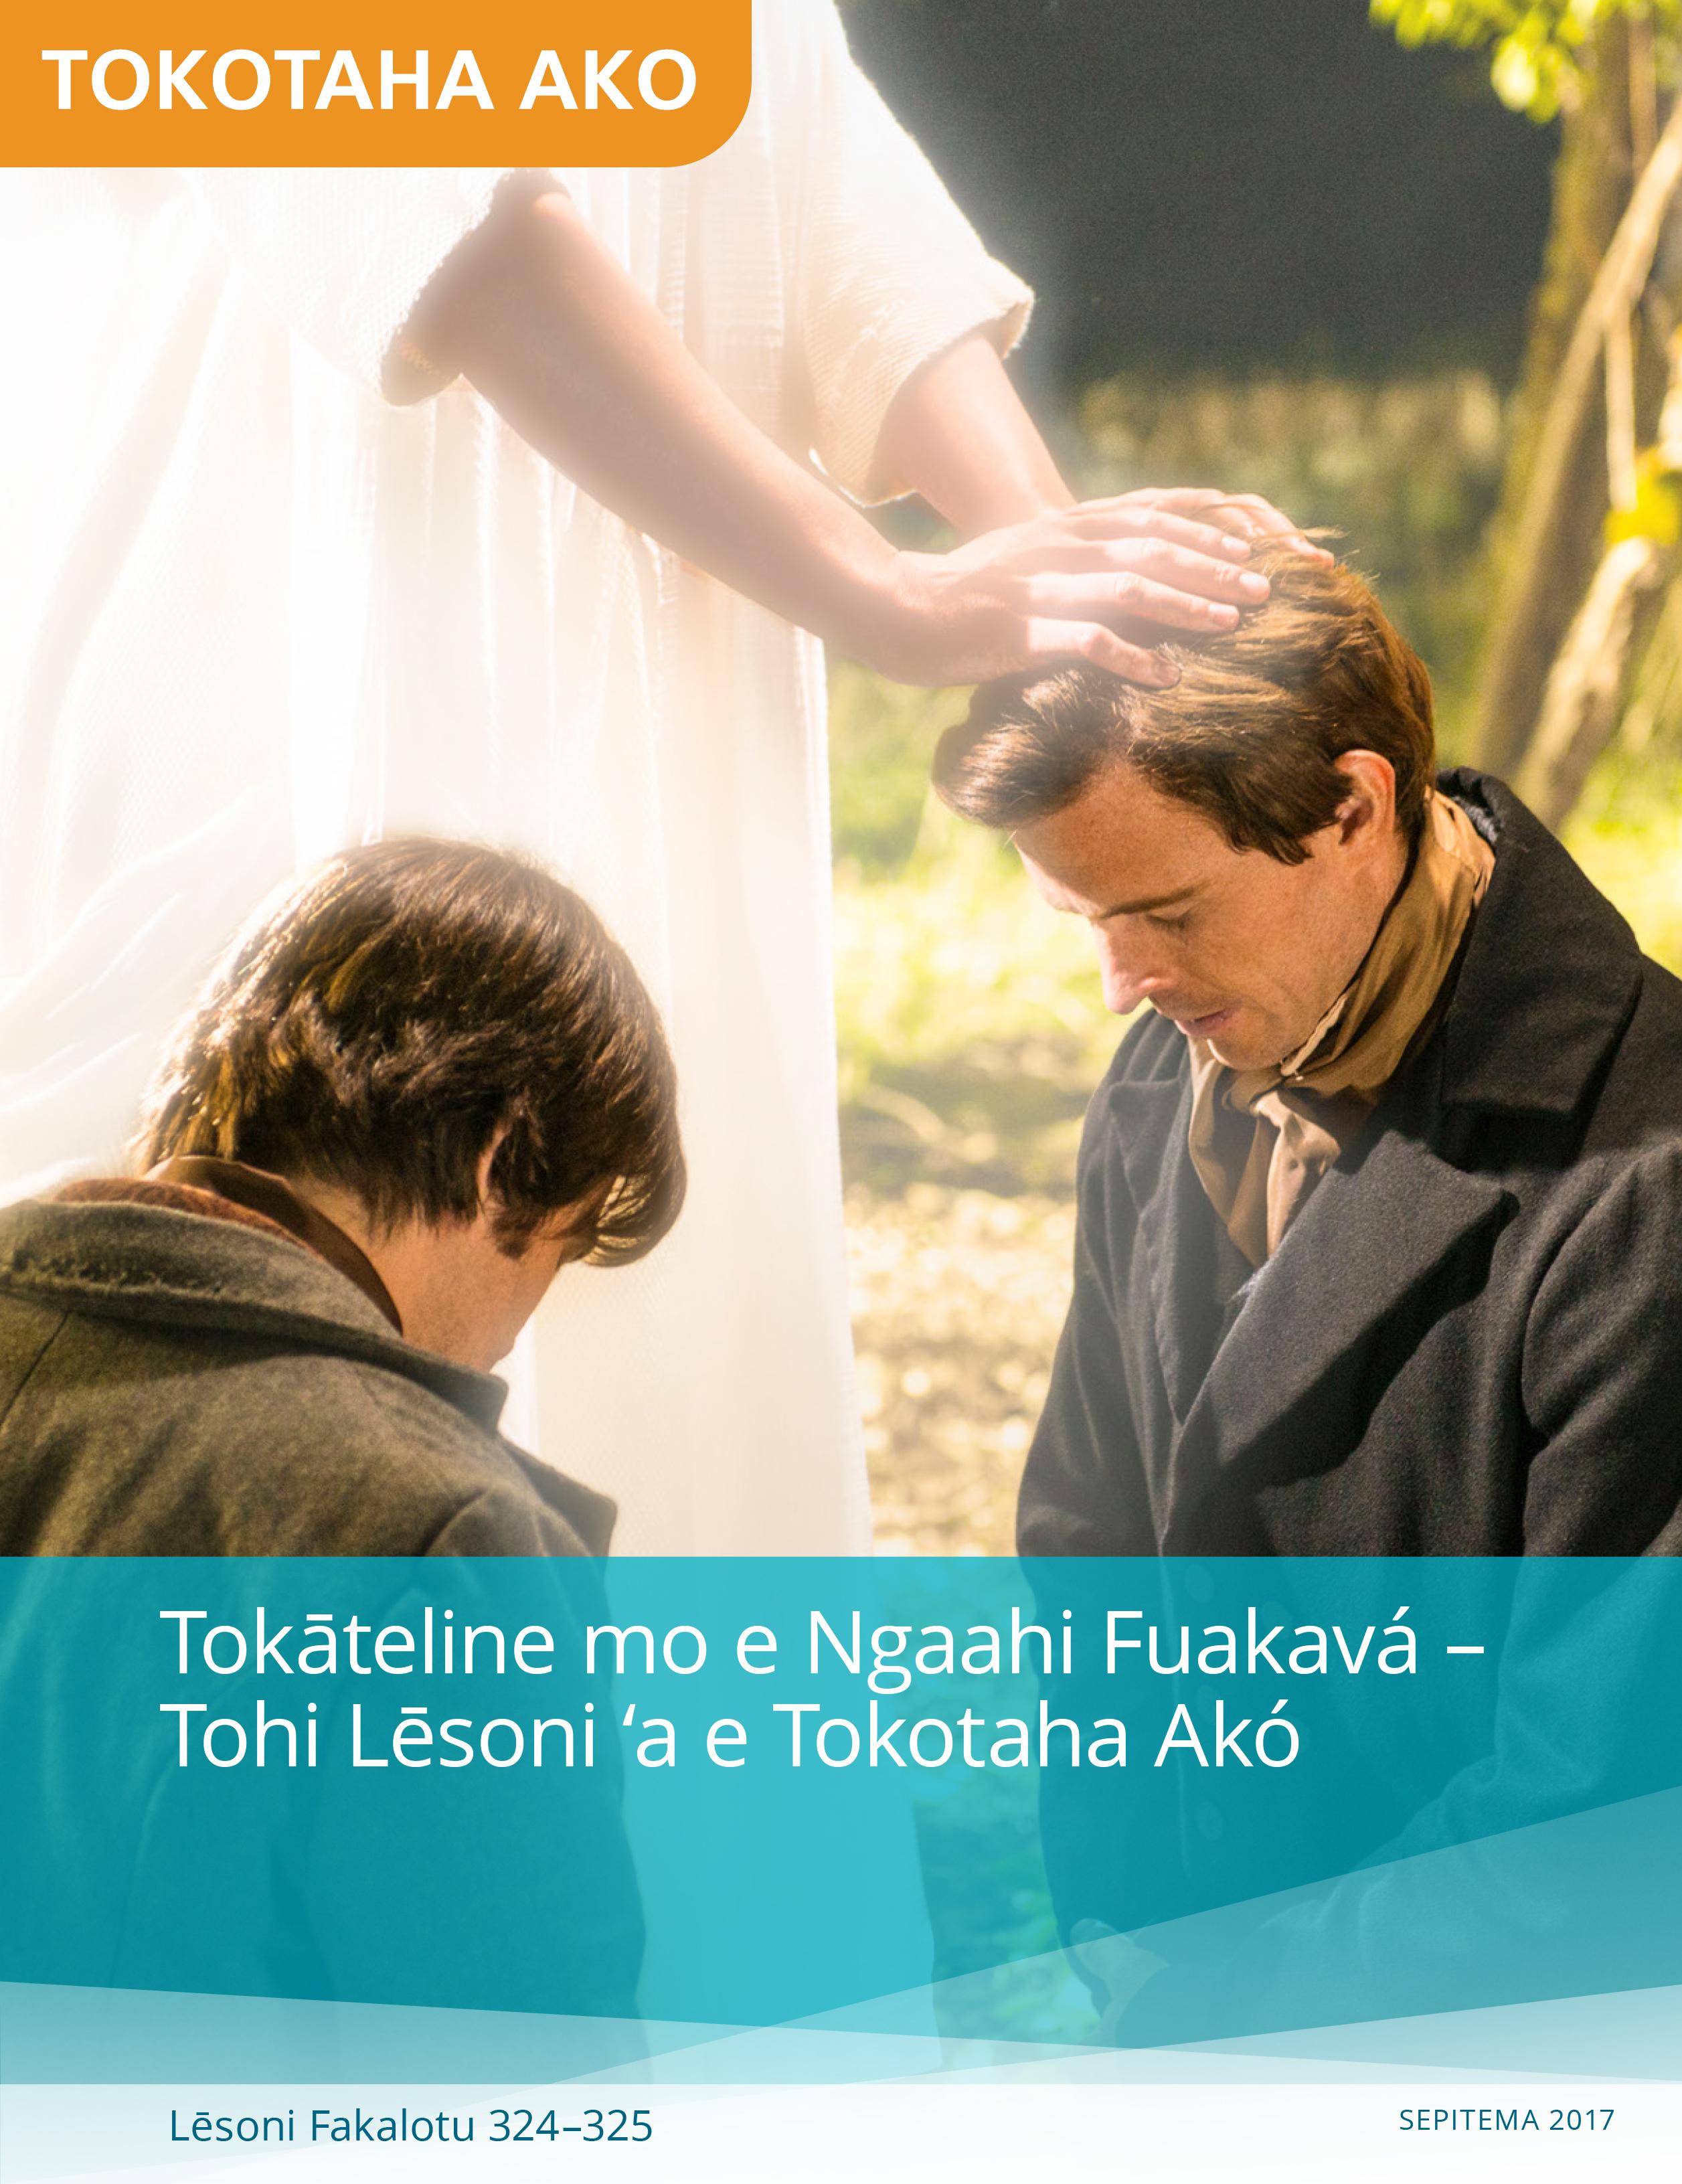 Tokāteline mo e Ngaahi Fuakavá–Tohi Lēsoni ʻa e Tokotaha Akó